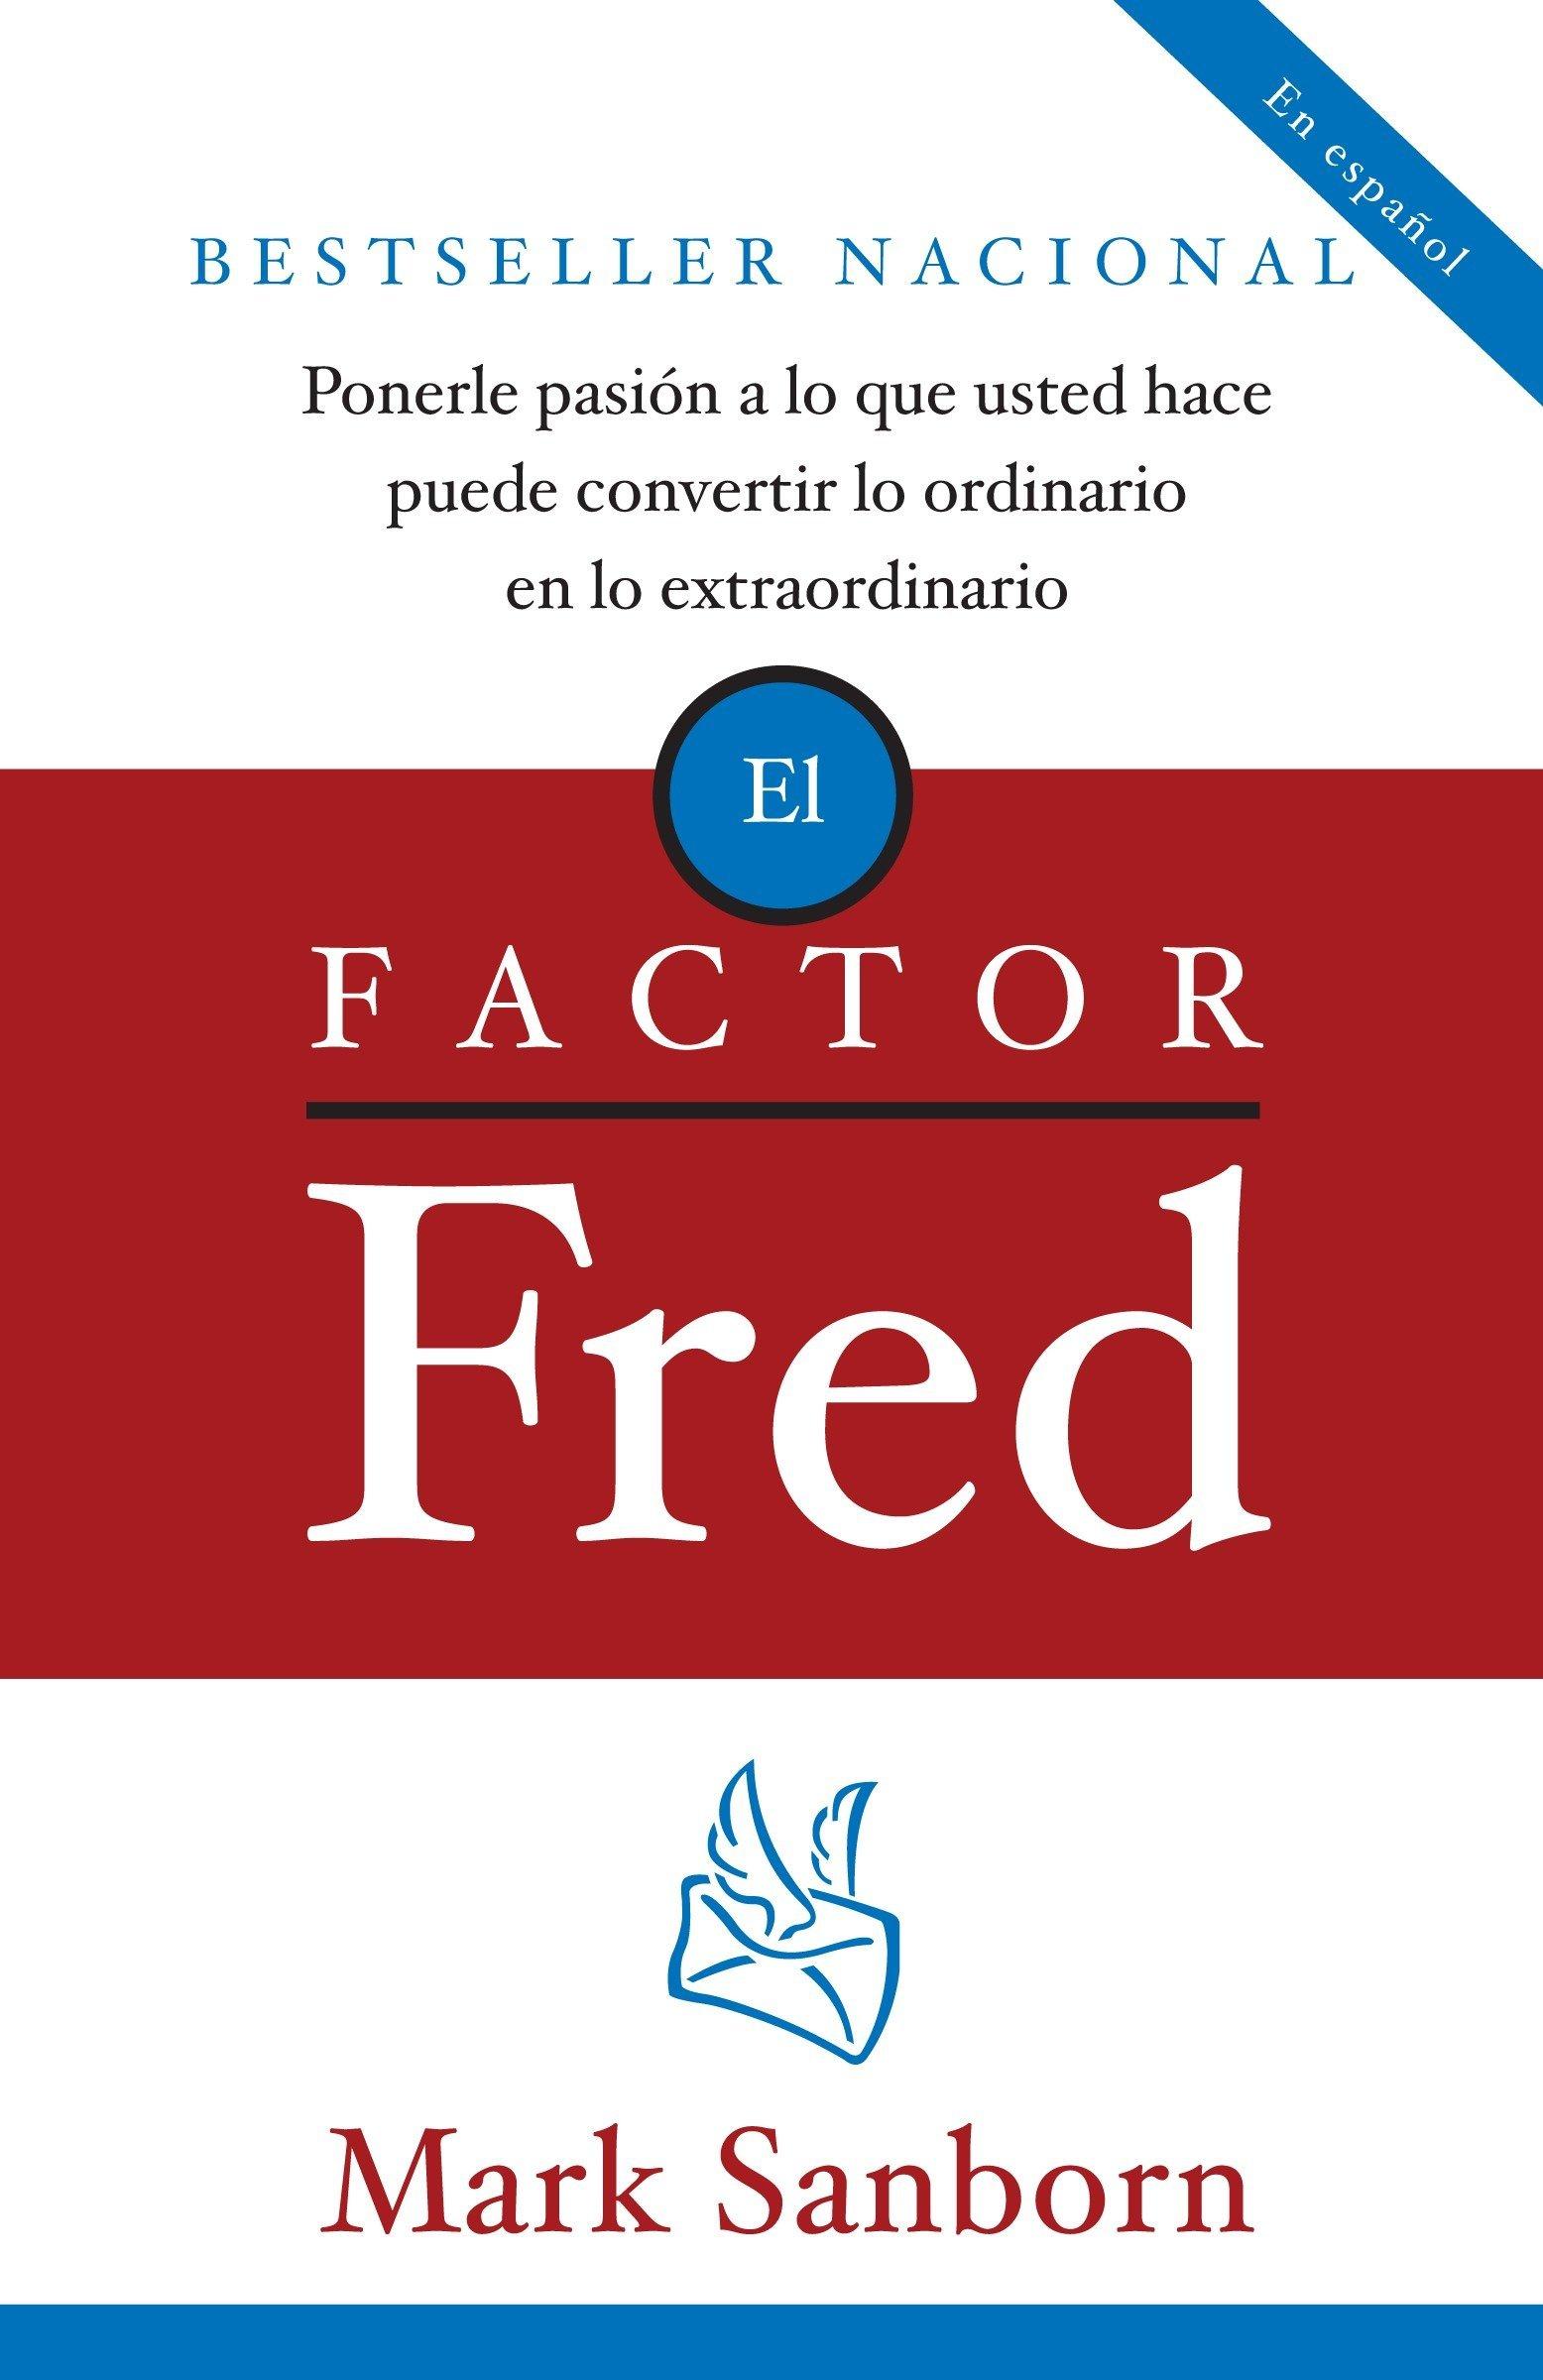 El factor Fred: Ponerle pasion a lo que usted hace puede convertir lo ordinario en lo extraordinario (Spanish Edition) PDF